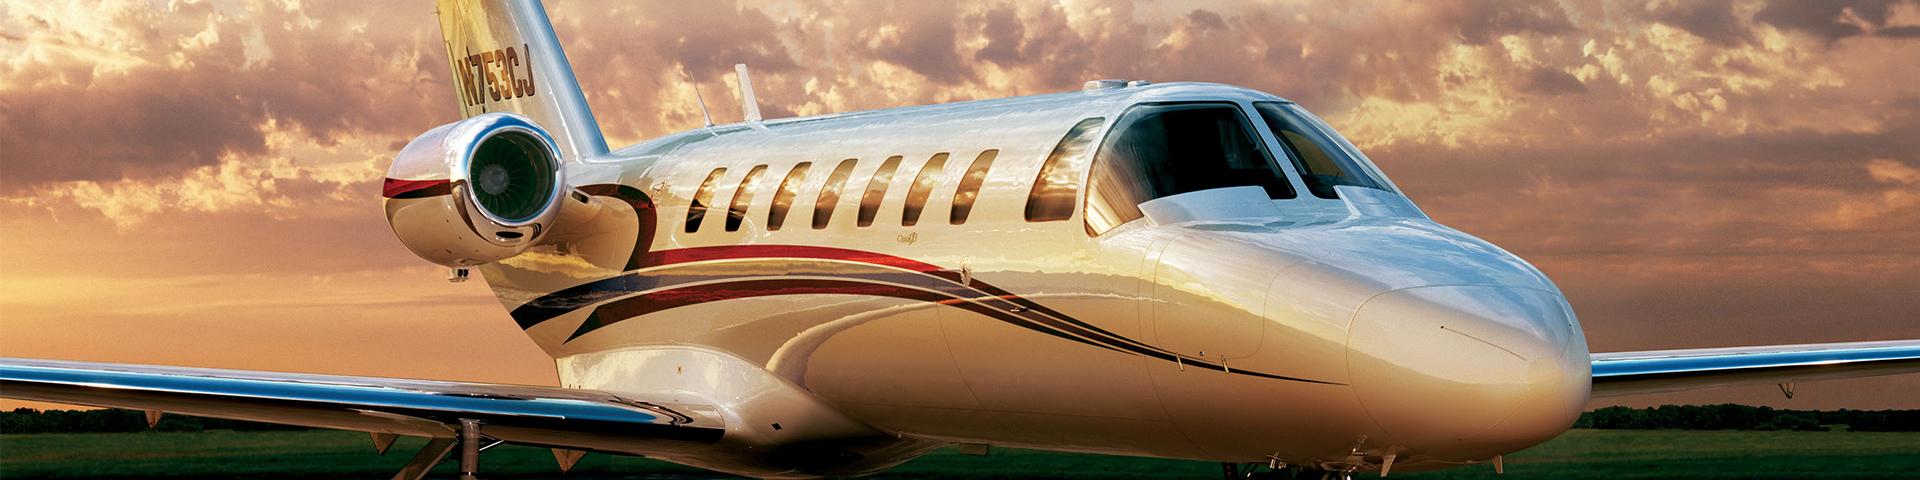 Citation CJ31 - Citation CJ3 Private Jet